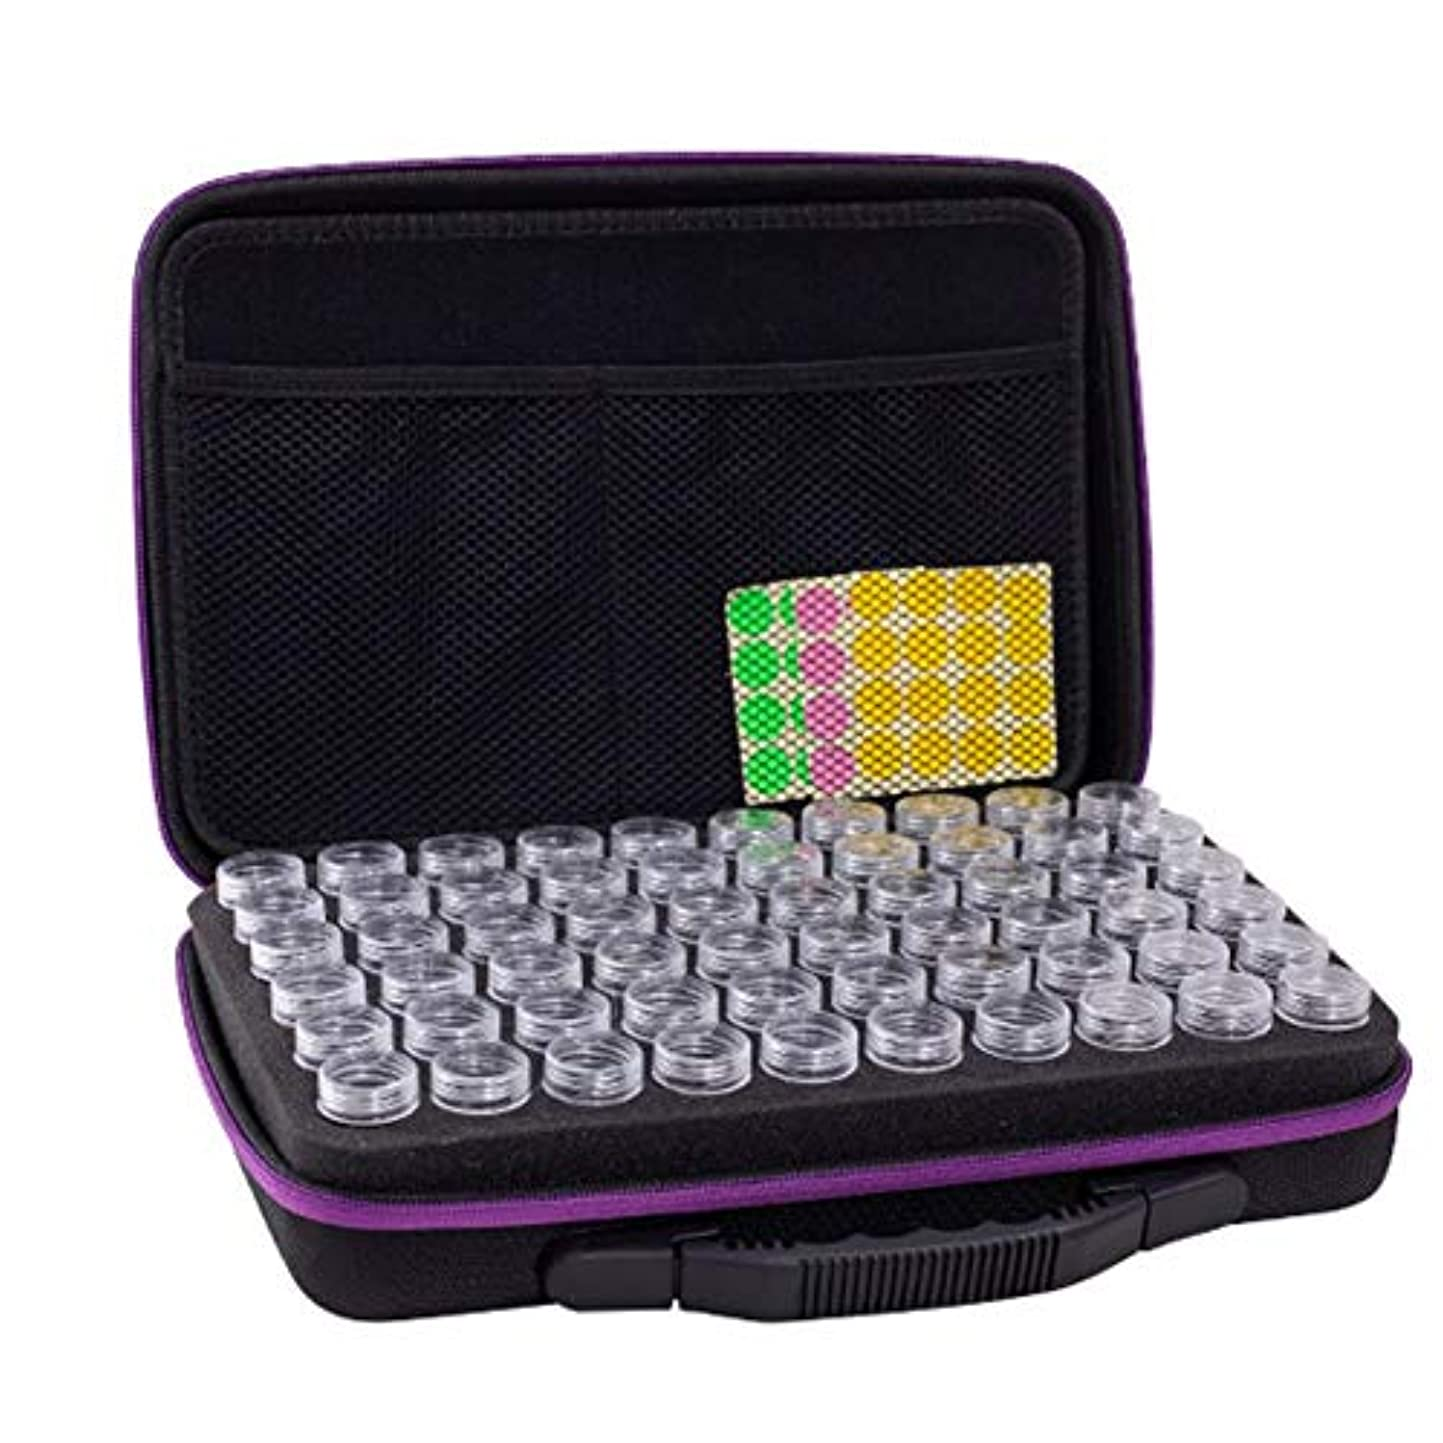 回路ゆりかごゴネリルアロマポーチ エッセンシャルオイル ケース 携帯用 アロマケース メイクポーチ 精油ケース 大容量 アロマセラピストポーチ 120本用 サイズ:32 22.5 8.5 CM